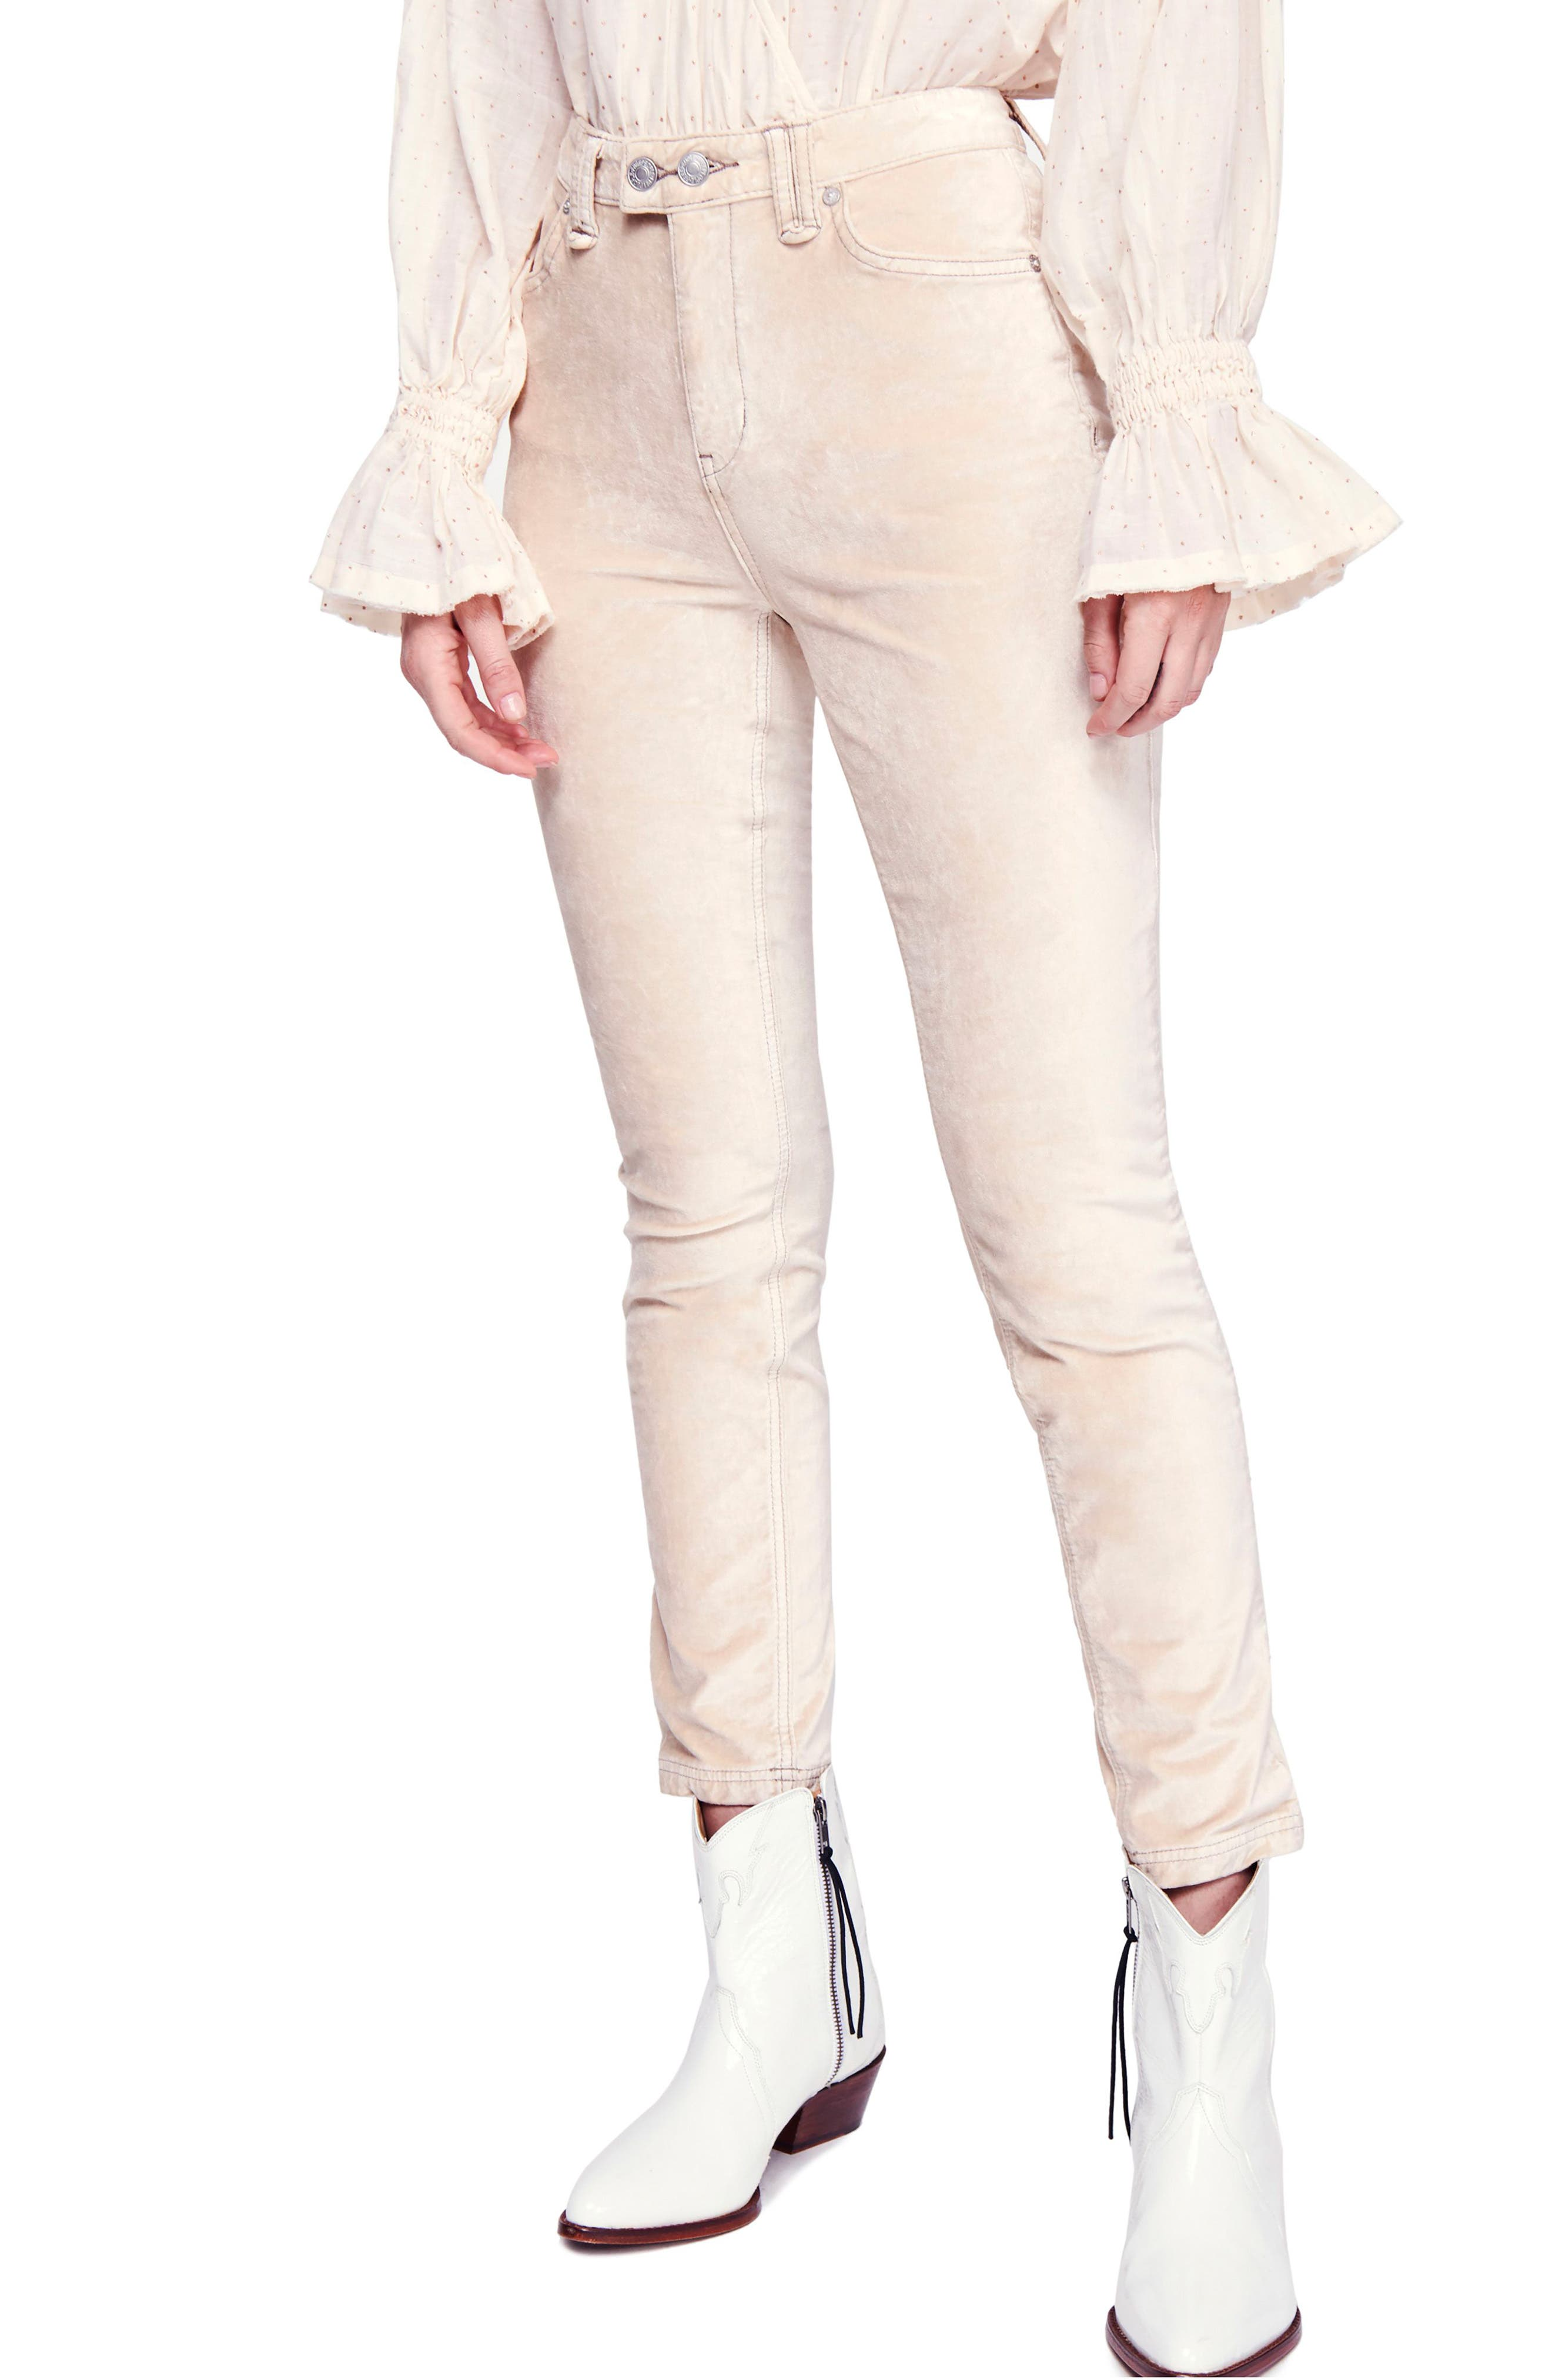 Sweet Jane Velvet Skinny Jeans,                             Main thumbnail 1, color,                             903